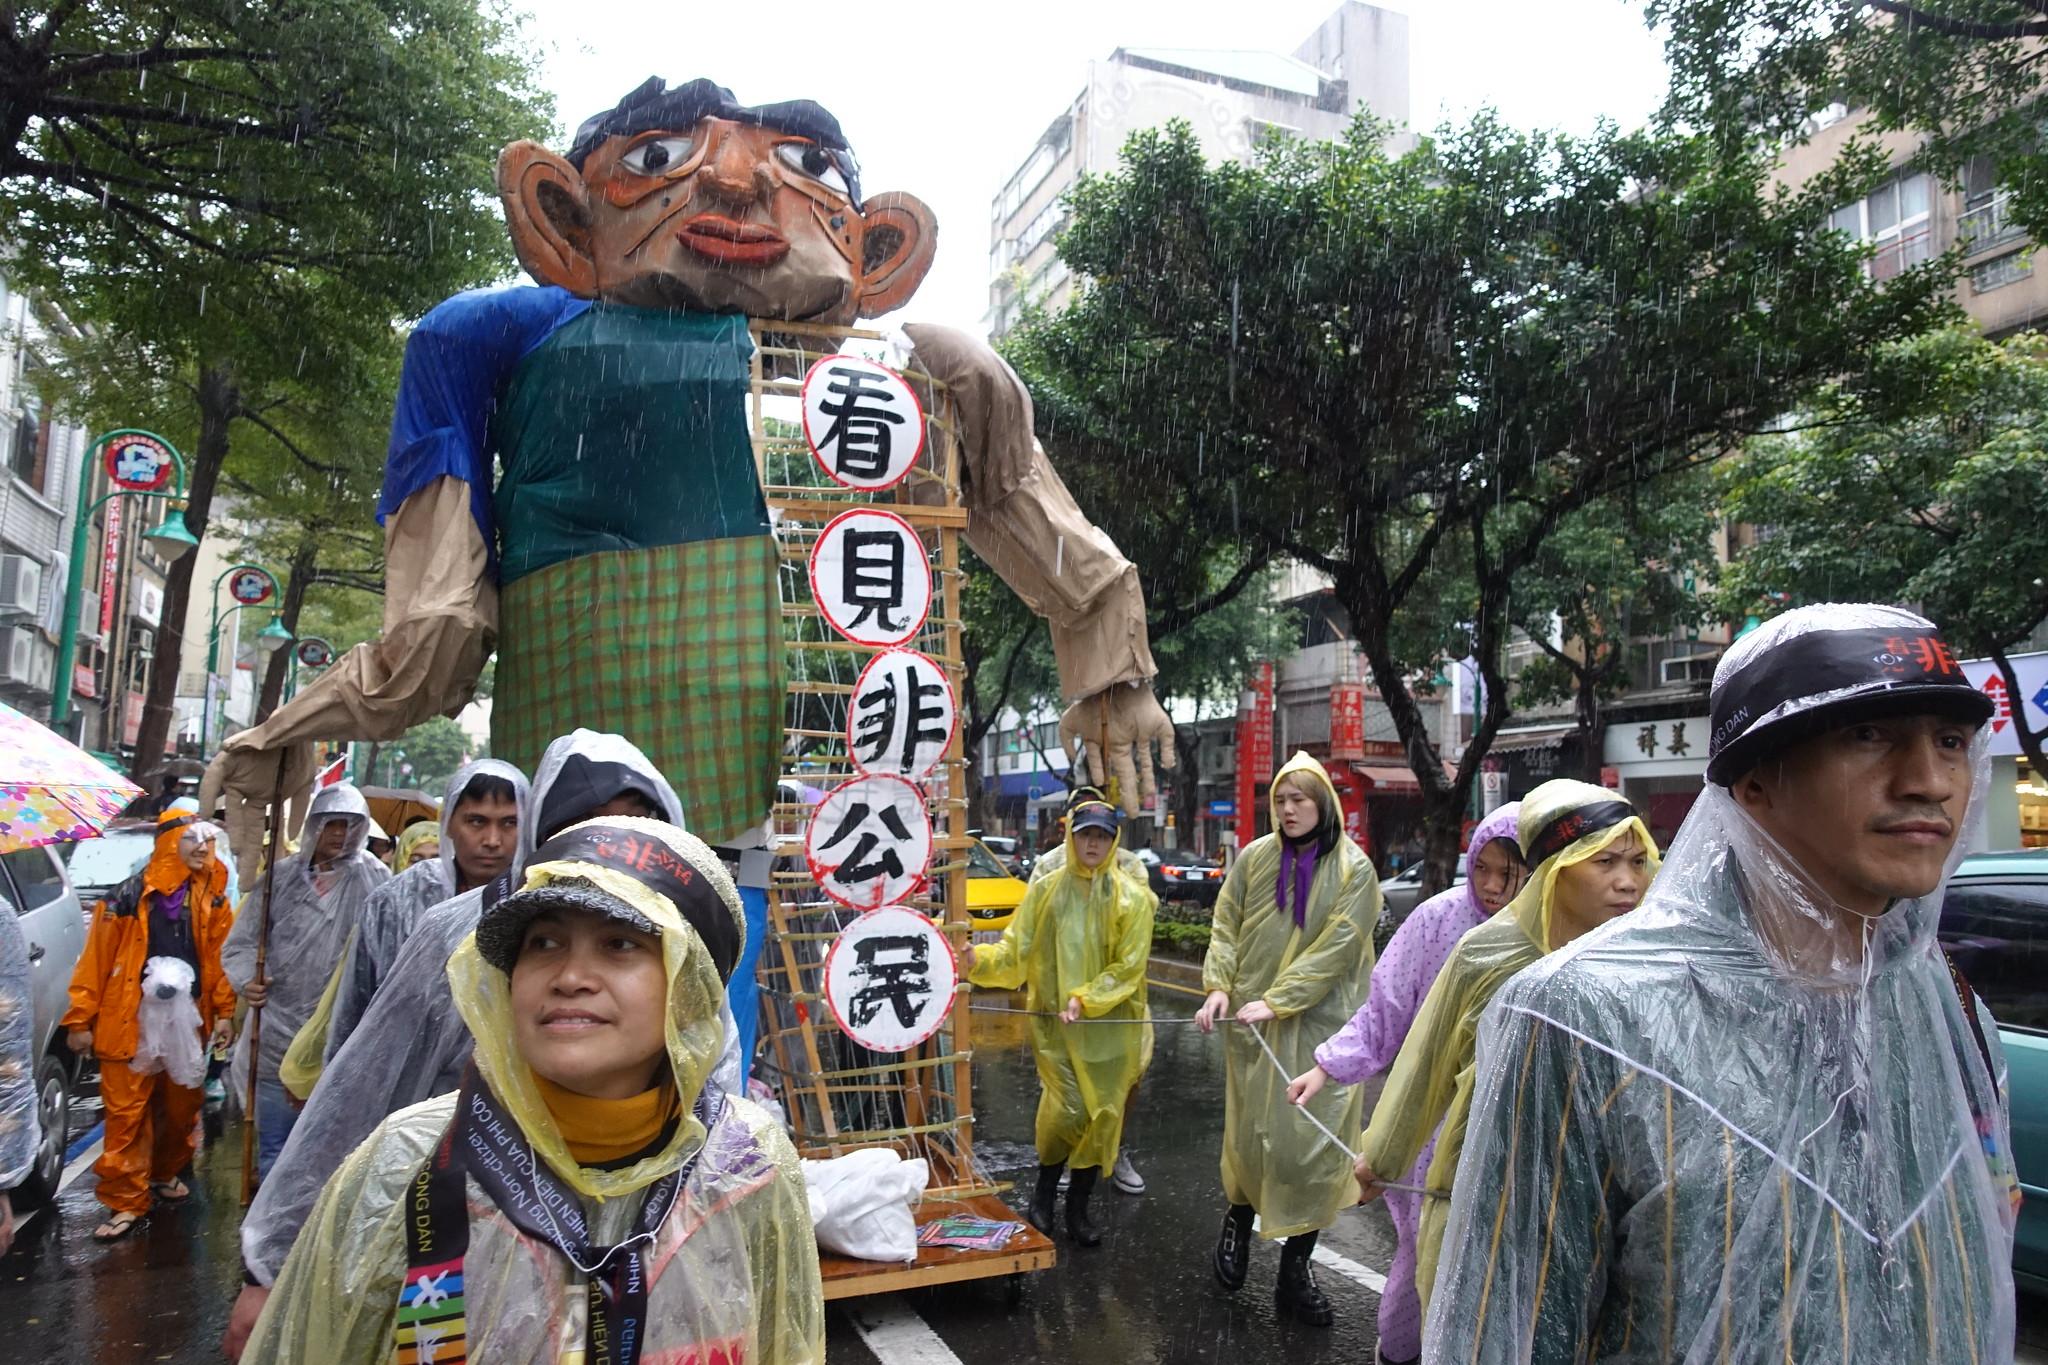 遊行中最大型的人偶,一半實心一半空心,象徵移工在台權利不完整。(攝影:張智琦)